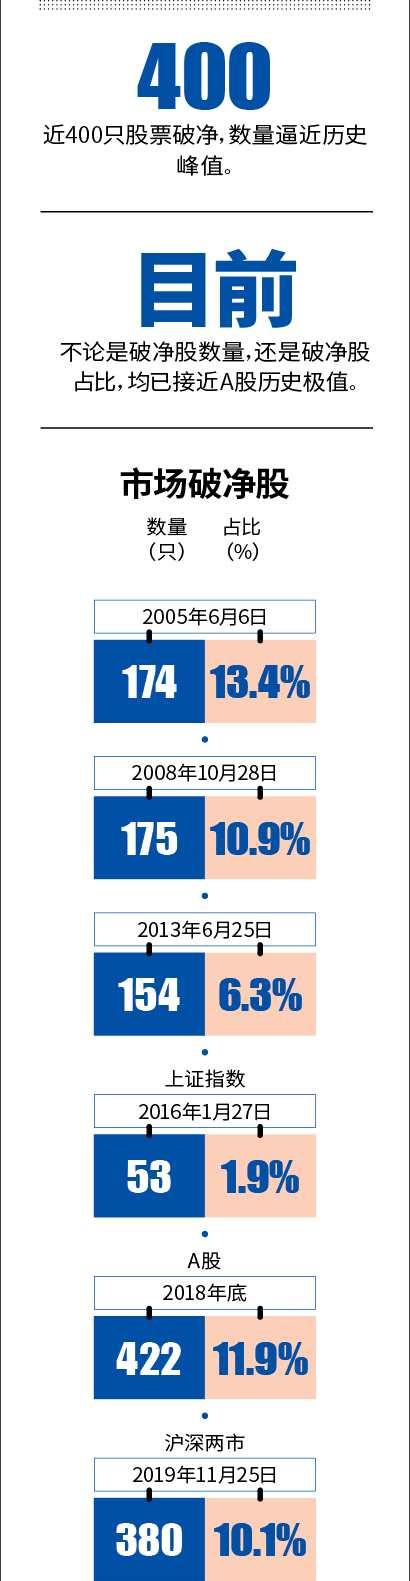 白馬股殺跌背后:MSCI擴容前夕 內資向左 外資向右